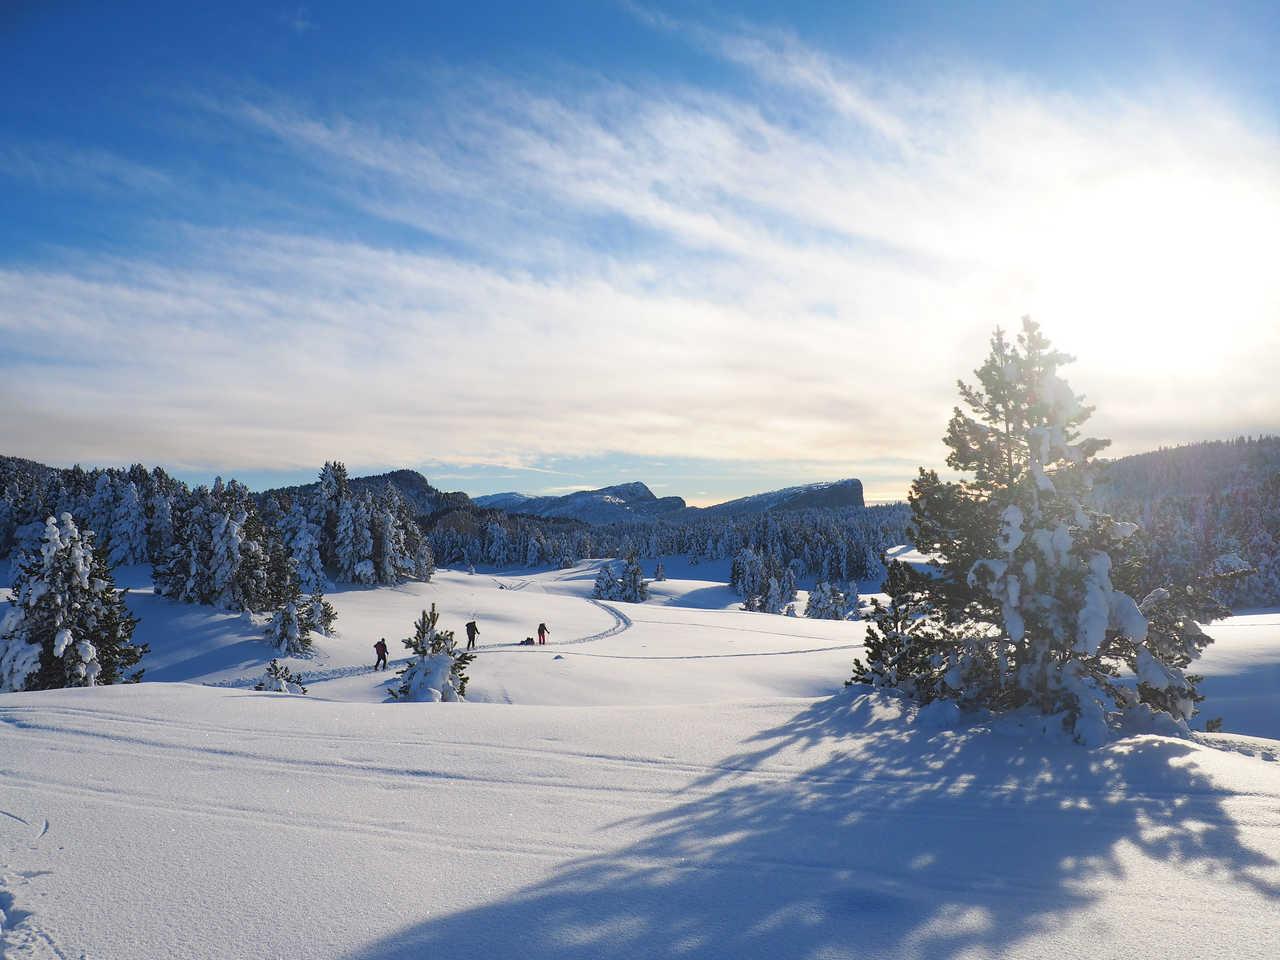 Randonnée raquettes l'hiver dans le Vercors, Alpes françaises